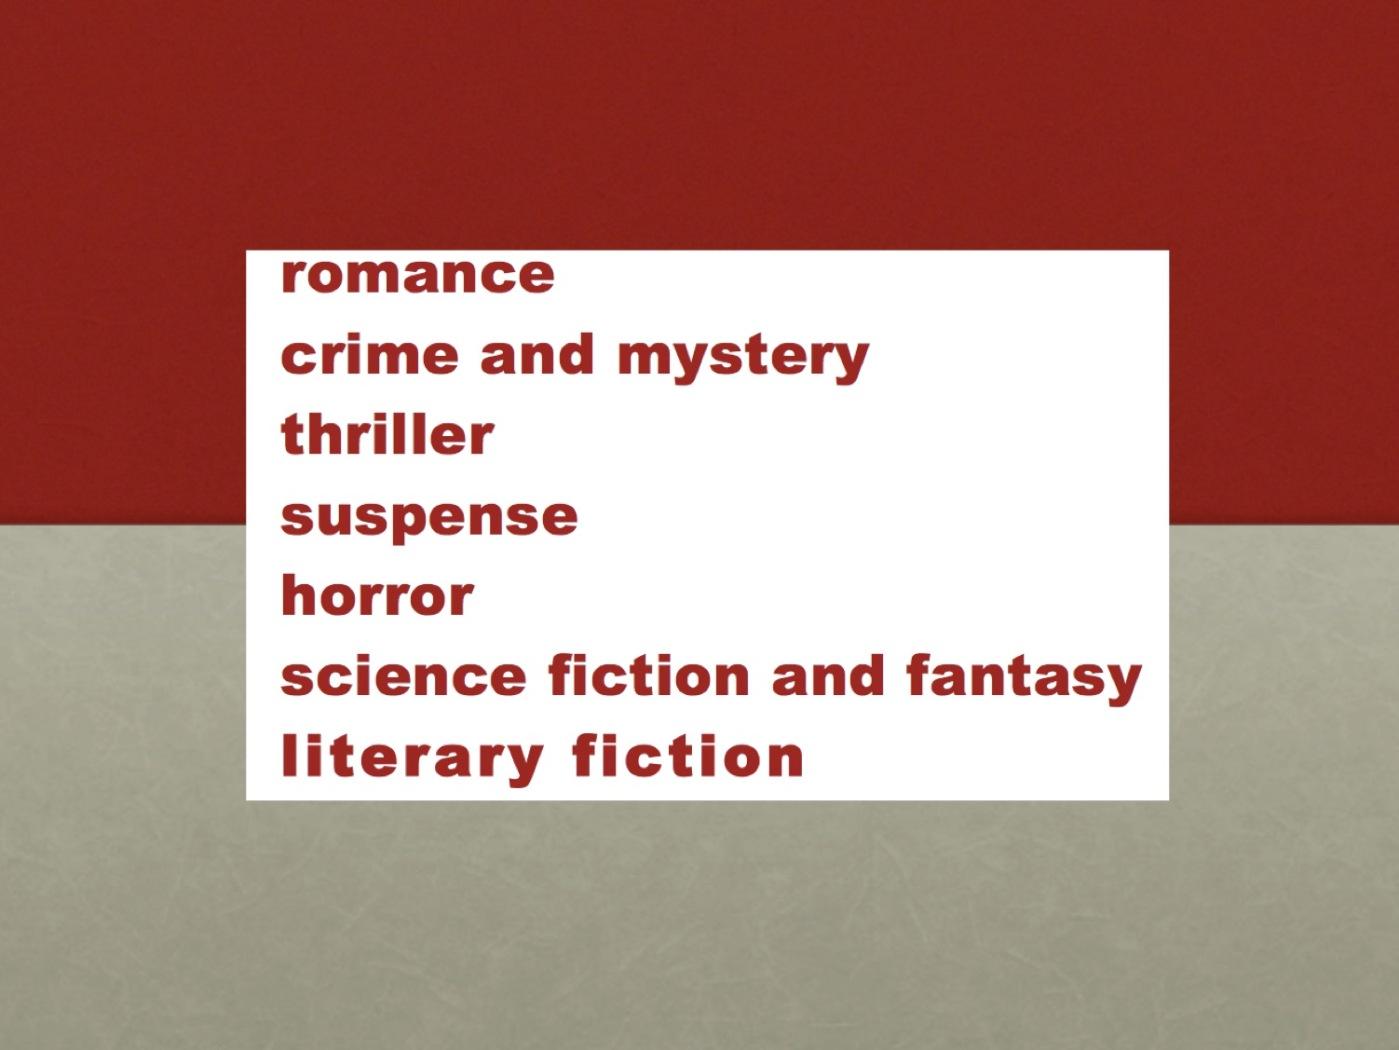 3 genre